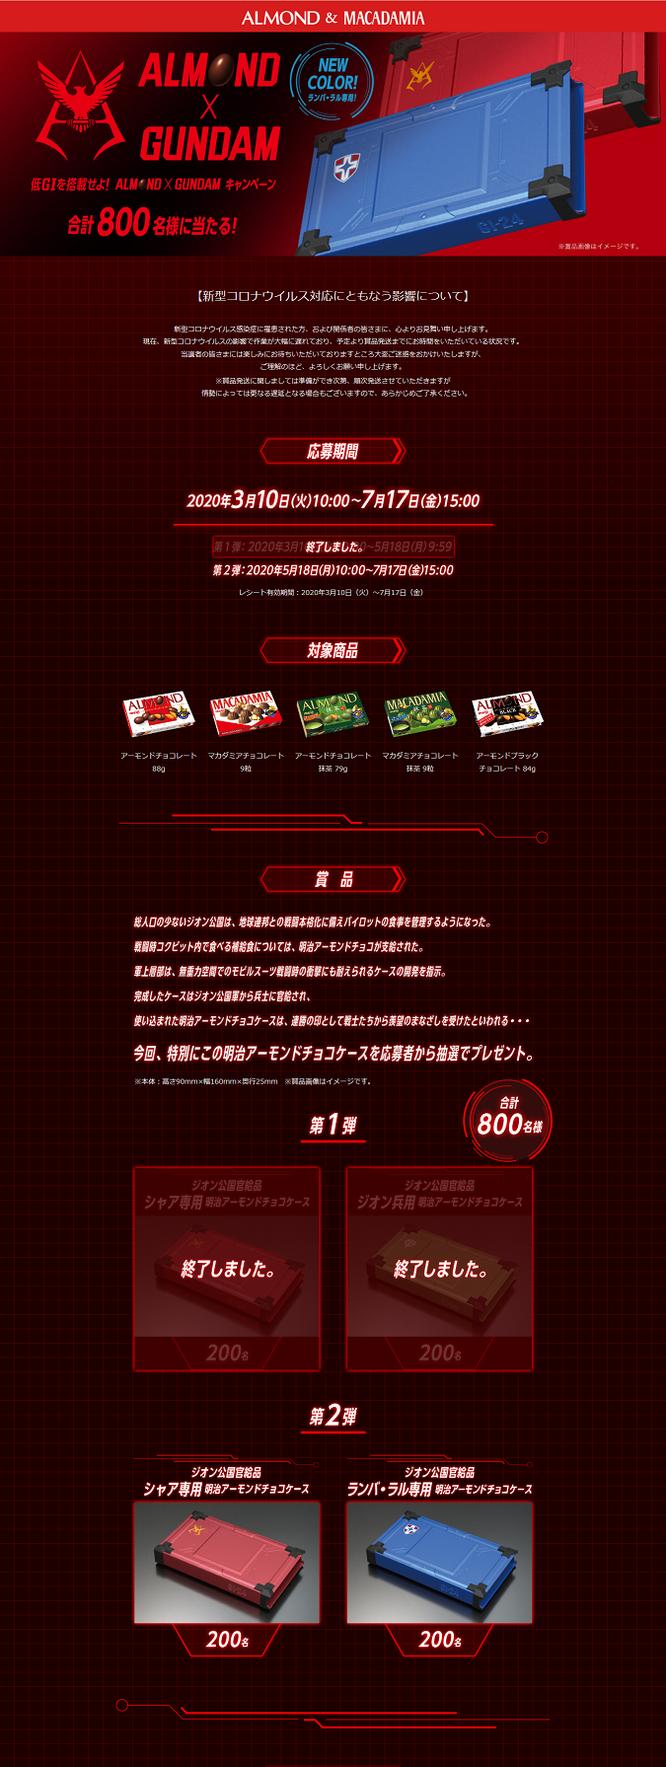 【明治】ALMOND 低GIを搭載せよ!ガンダムキャンペーン第2弾